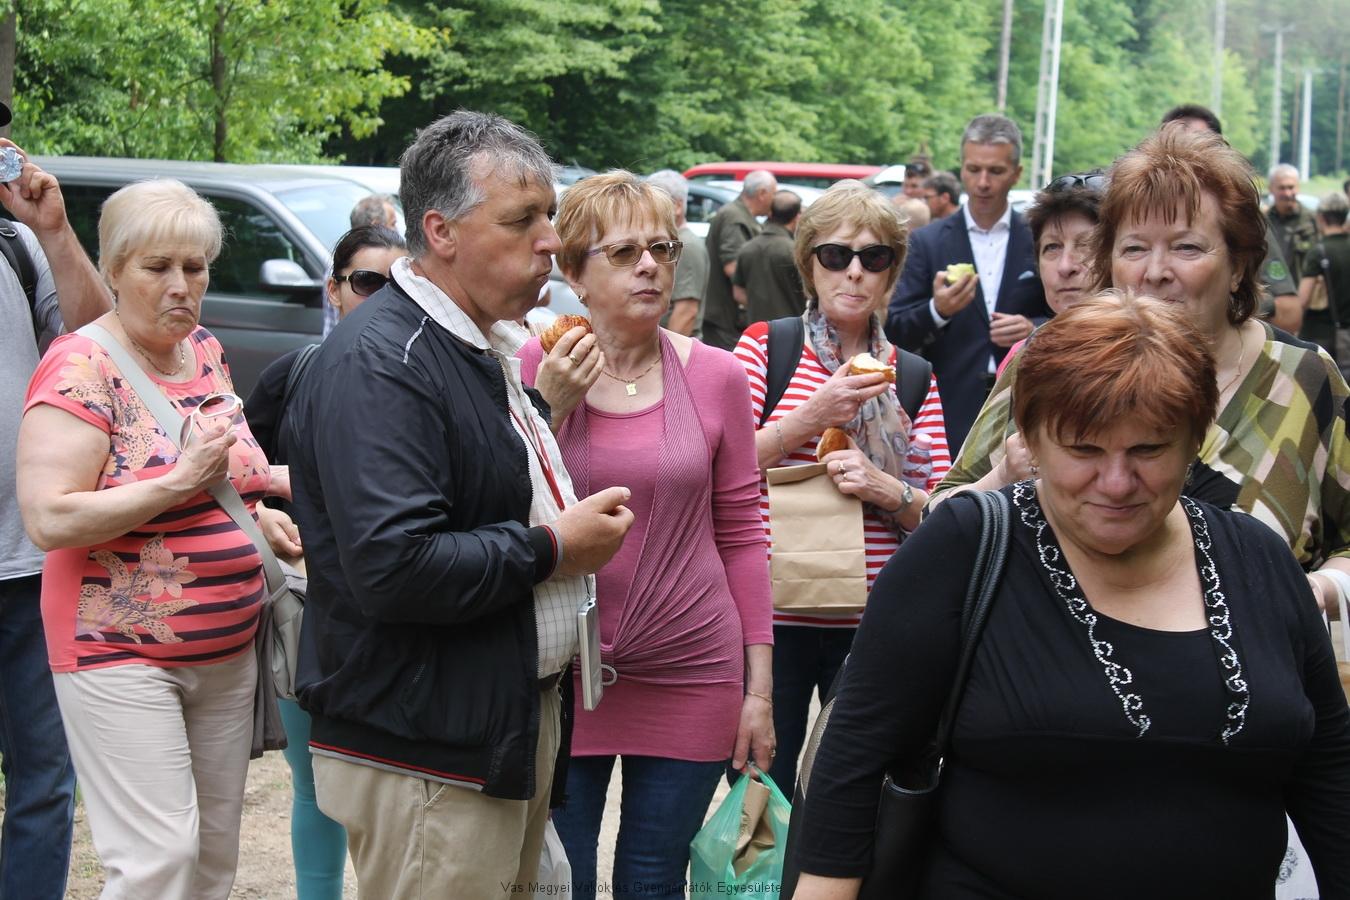 A megnyitó vendégei elemózsiás zacskót kaptak pogácsával, almával és vízzel.